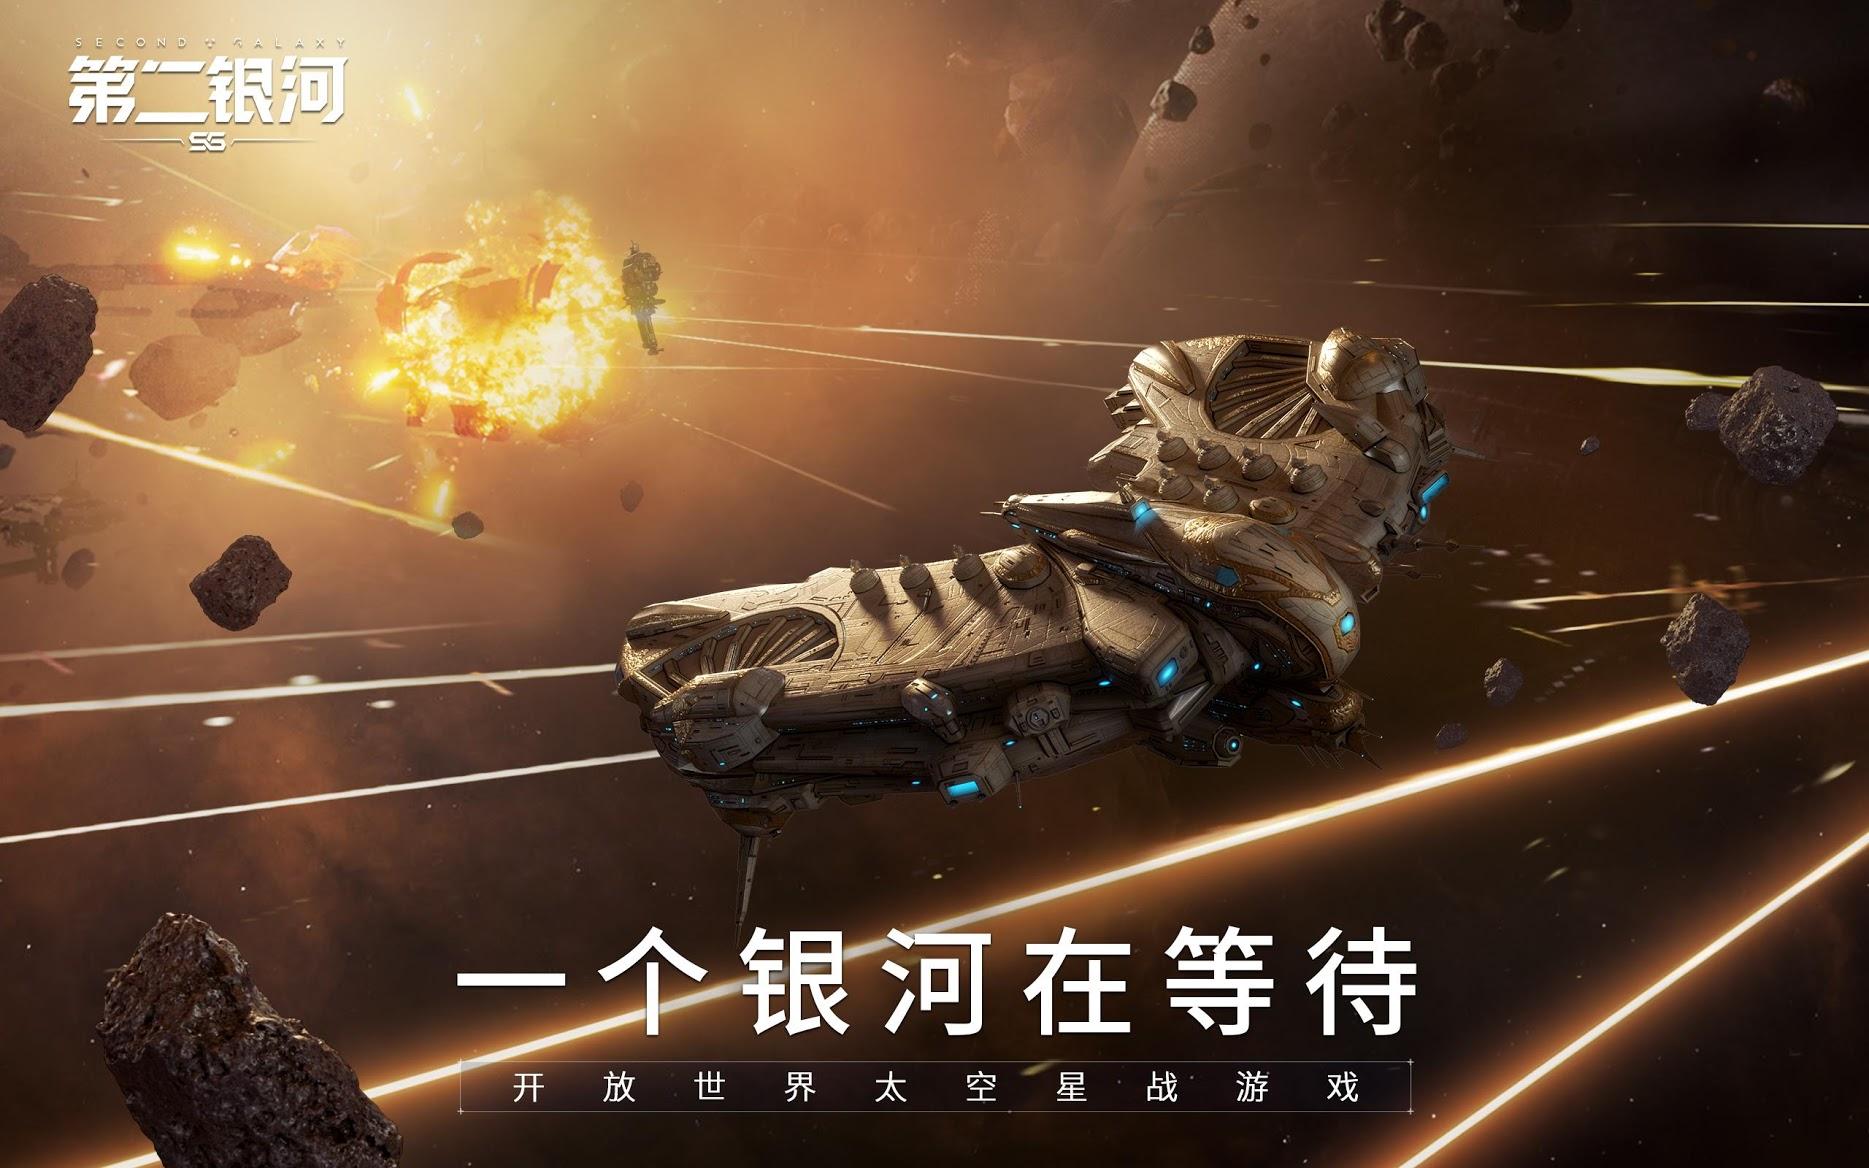 第二银河:探索宇宙,开放世界,这是国内鲜有的PvP星战游戏